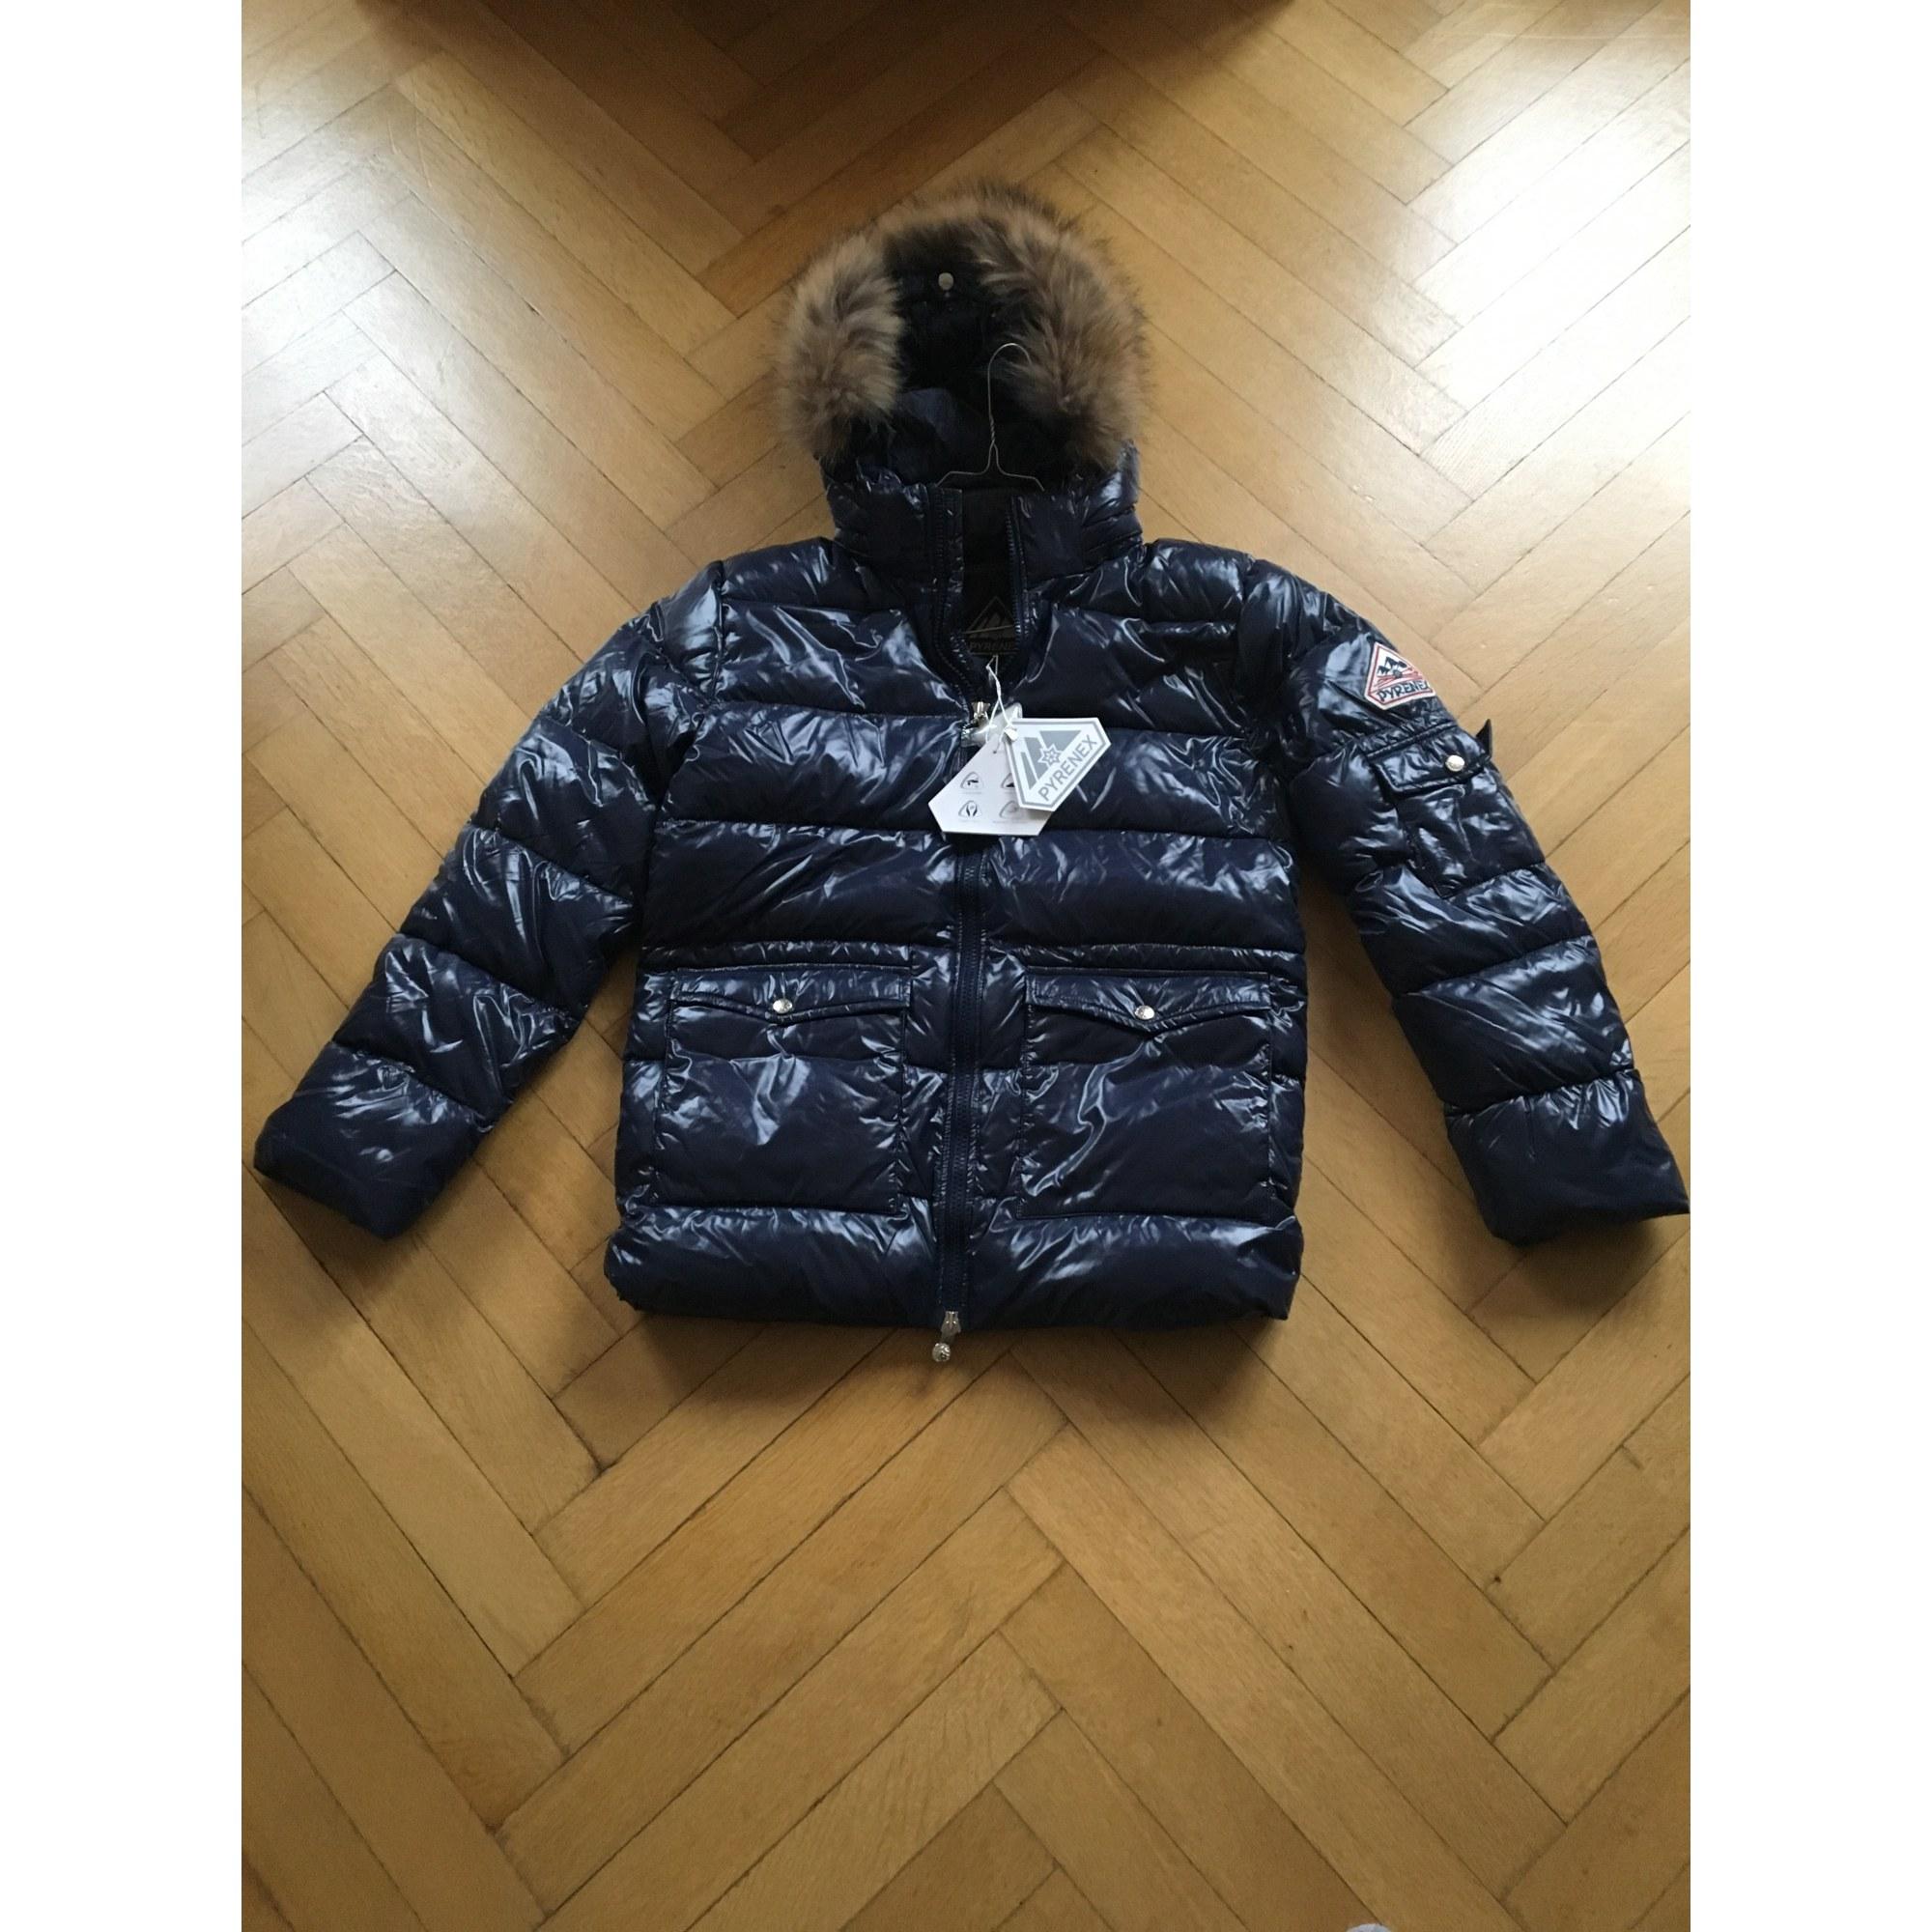 Doudoune Bleu Pyrenex s 5757450 46 qvUqax1wP